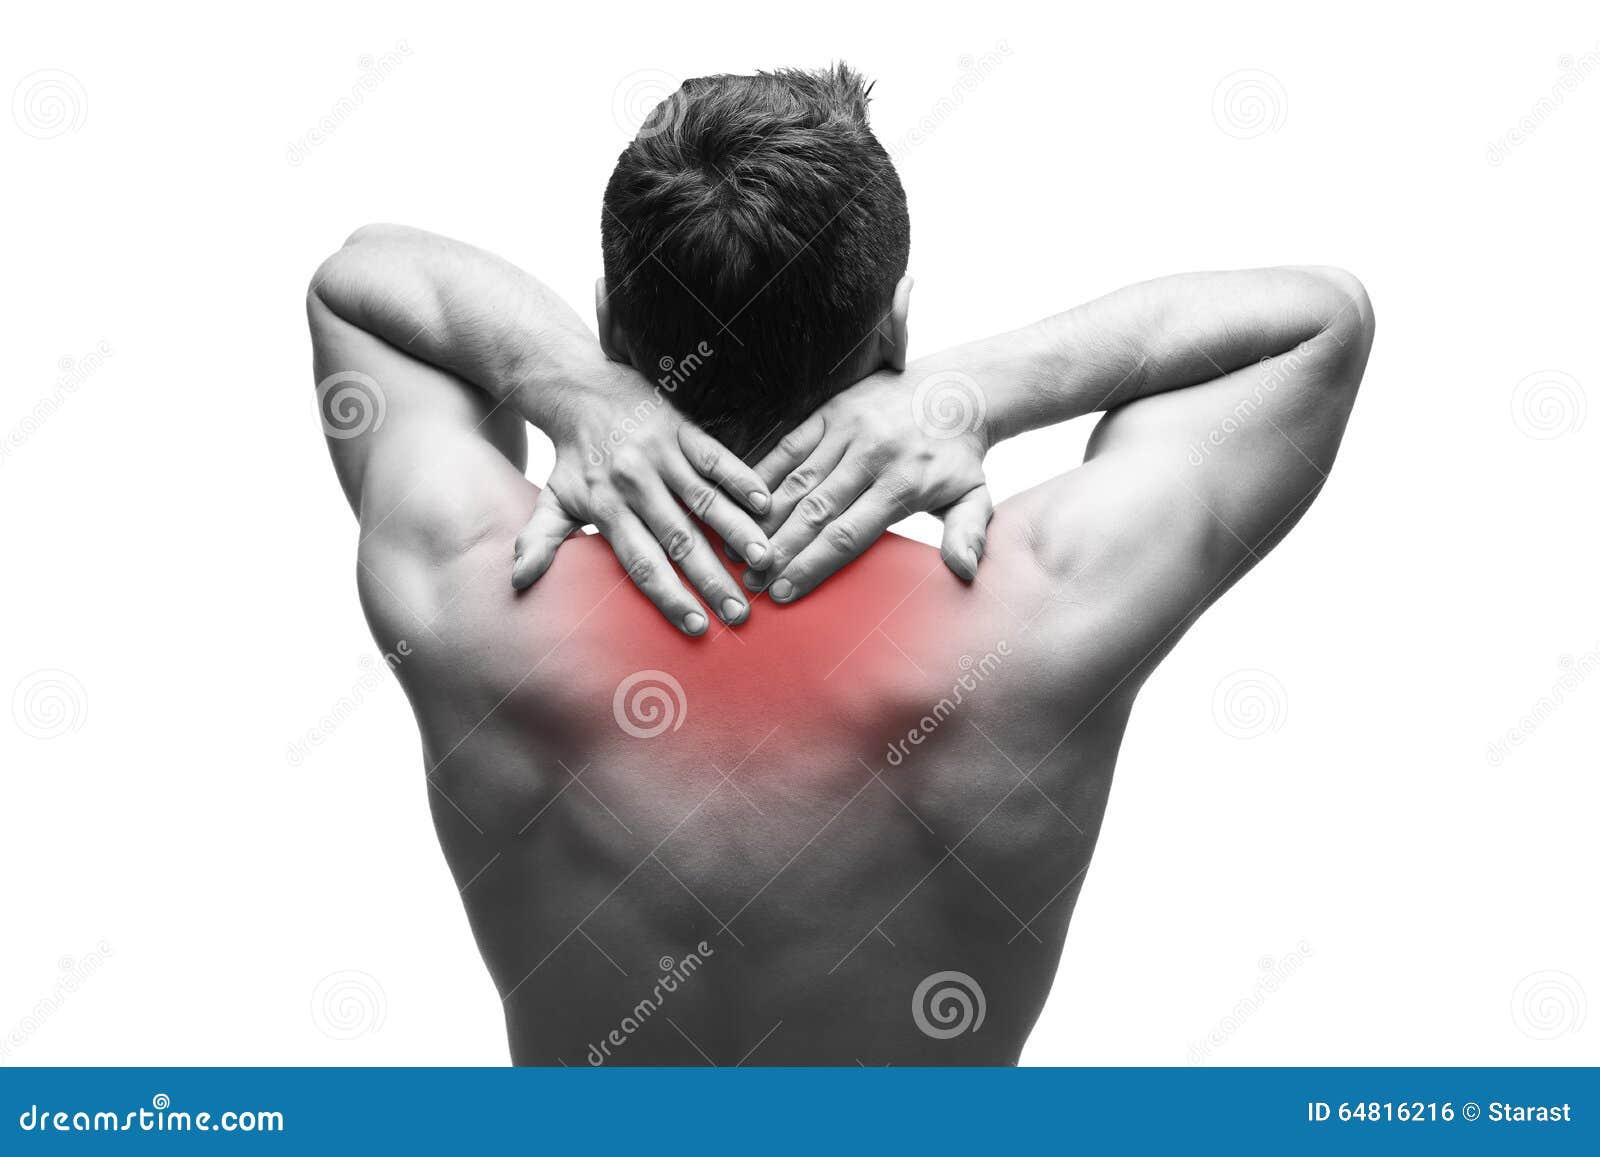 Anatomia Do Homem Com Dor Nas Costas Superior Ilustração Stock ...